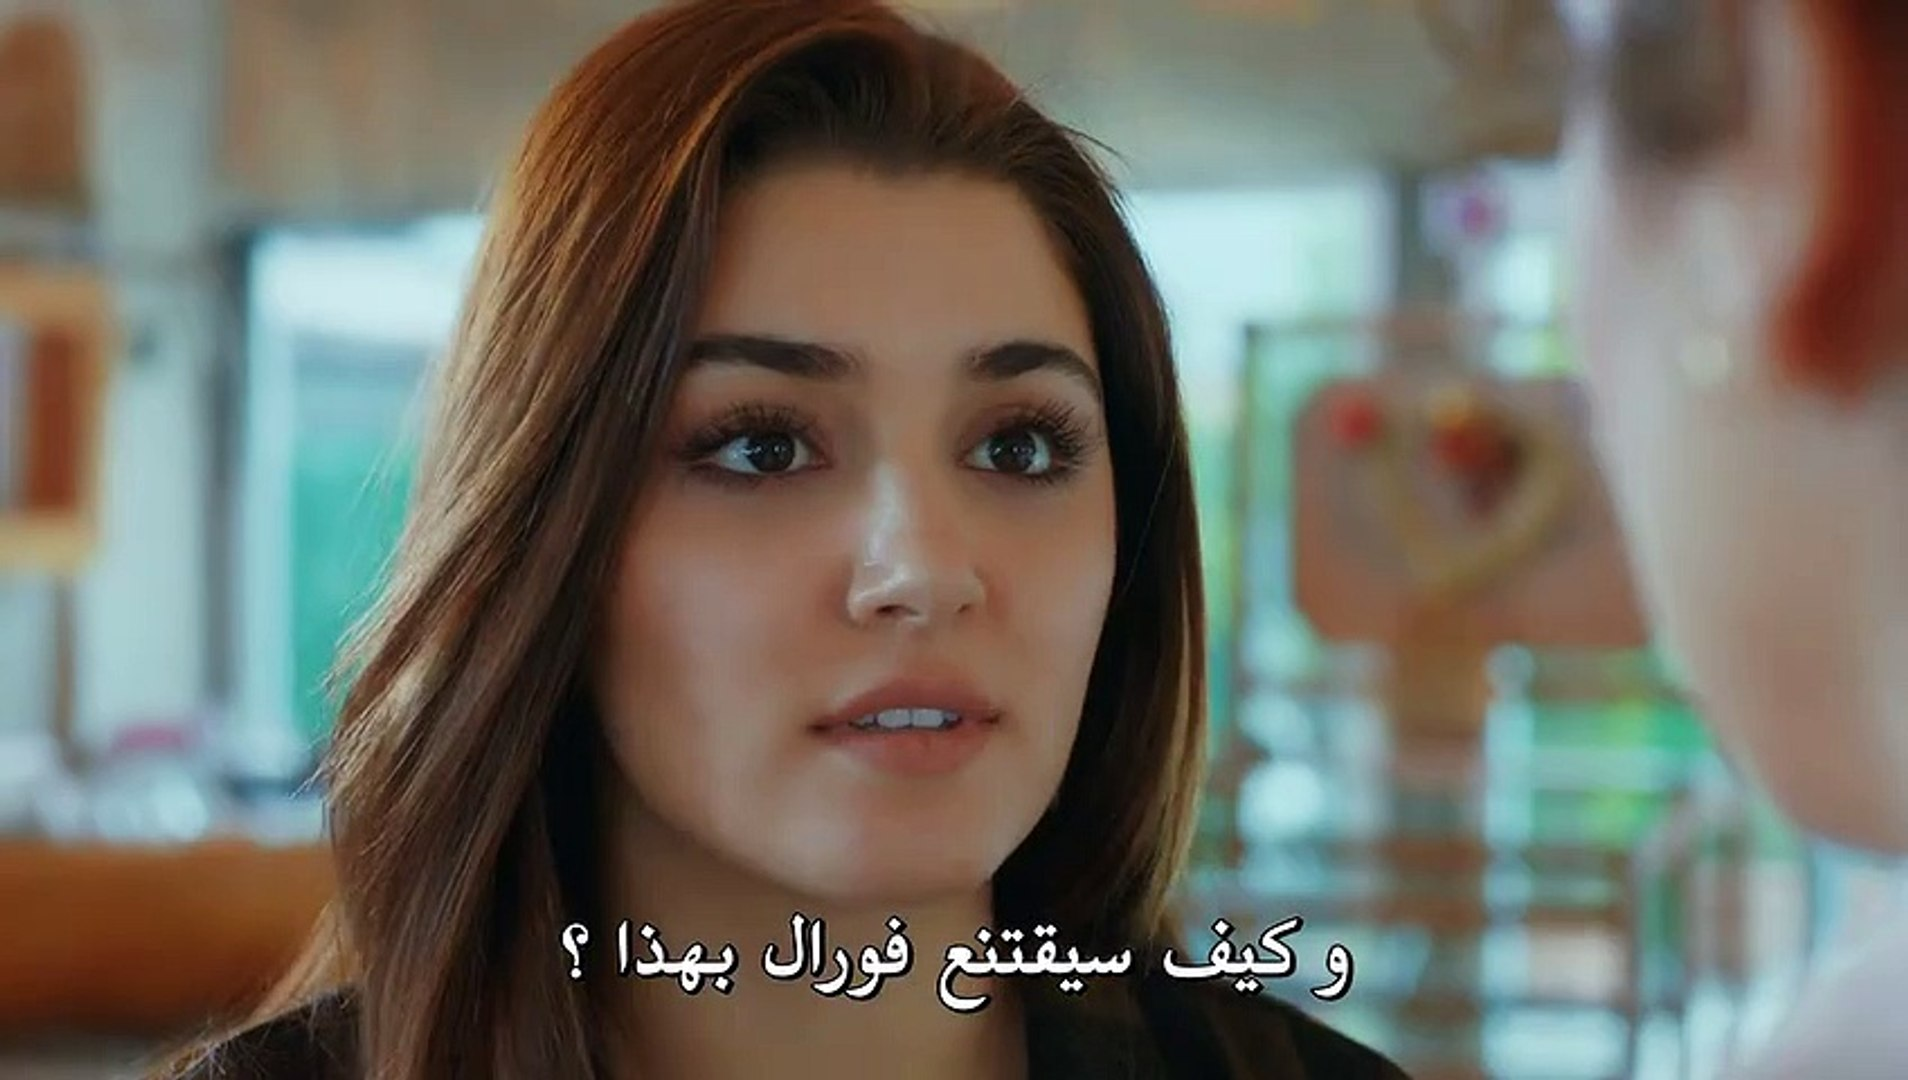 مسلسل اللؤلؤة السوداء الحلقة 16 كاملة القسم 3 مترجمة للعربية